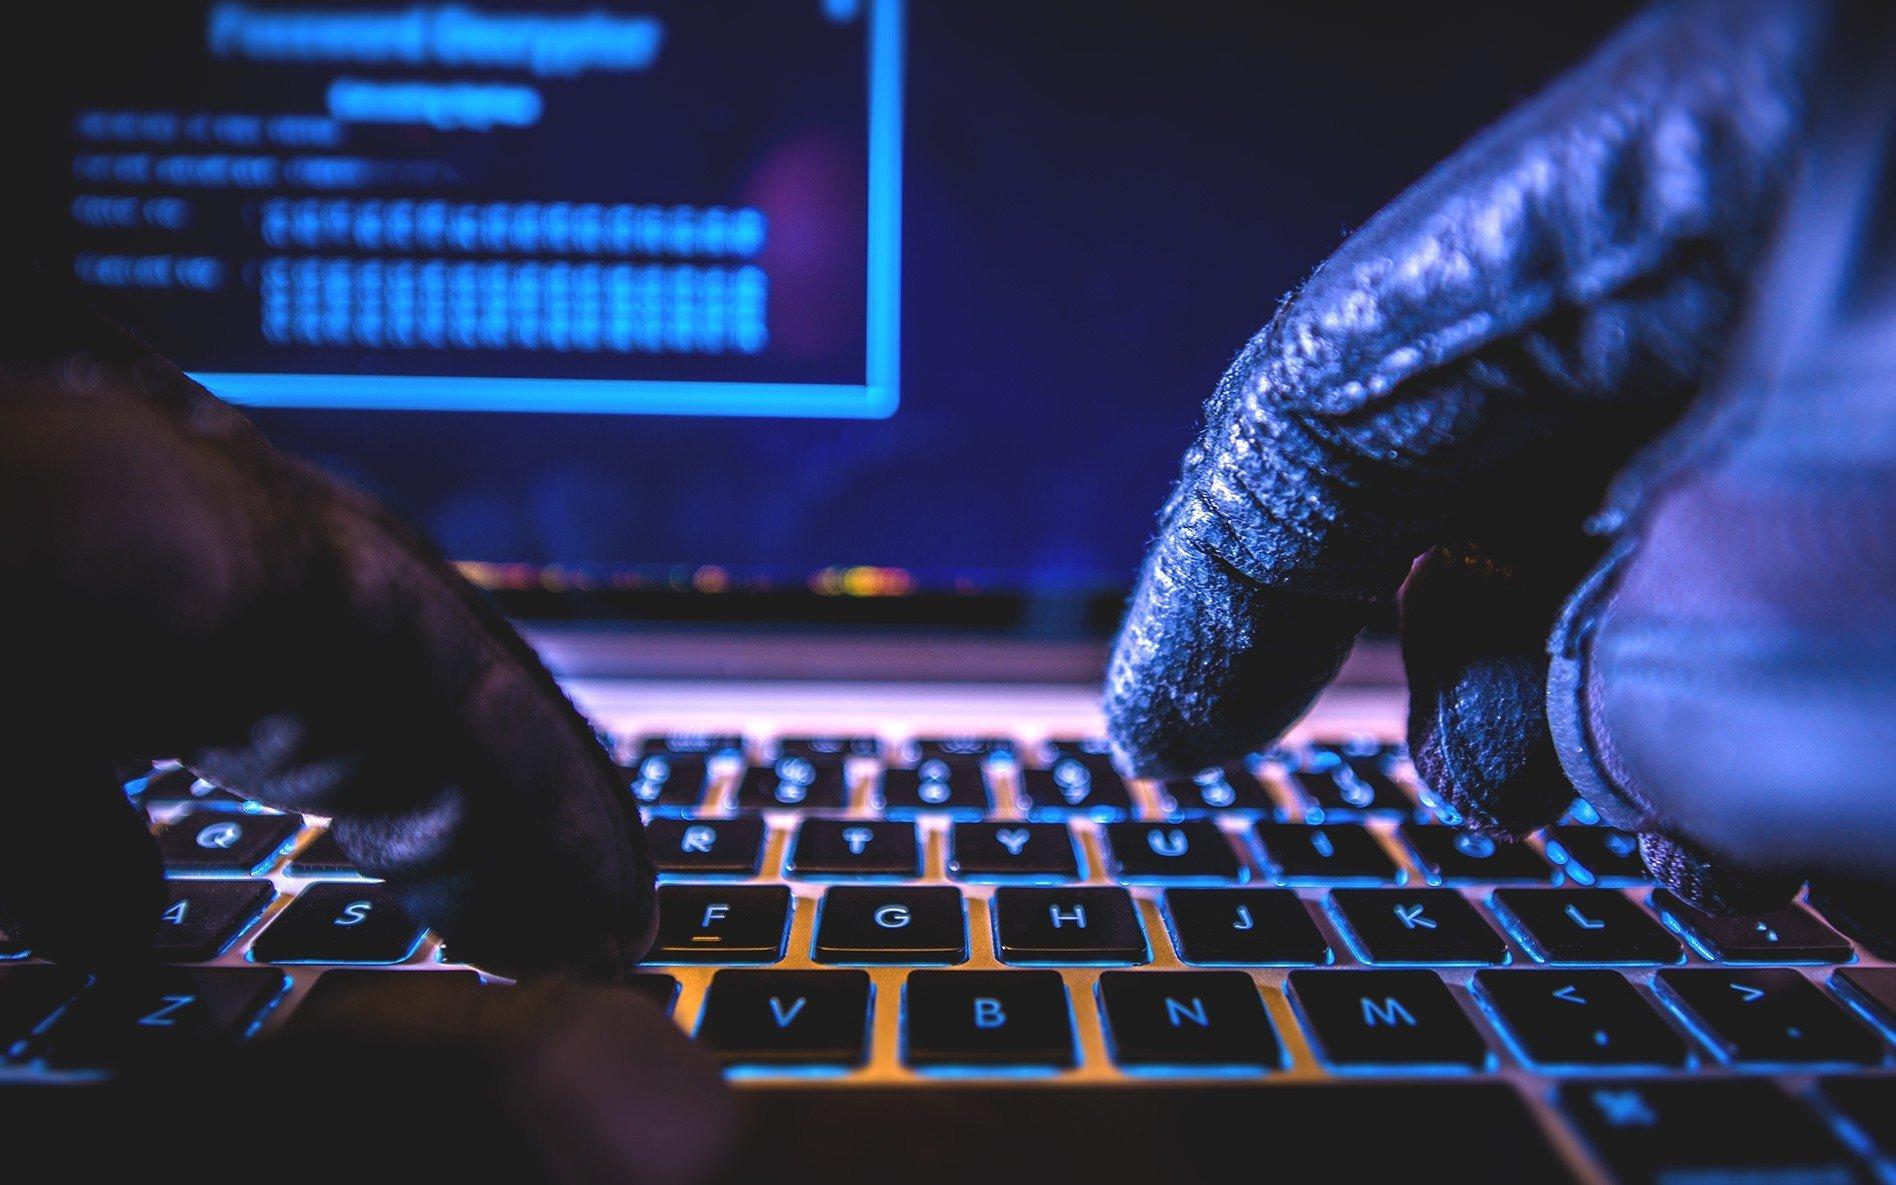 El ciberataque con el virus WannaCry se extiende a nivel mundial